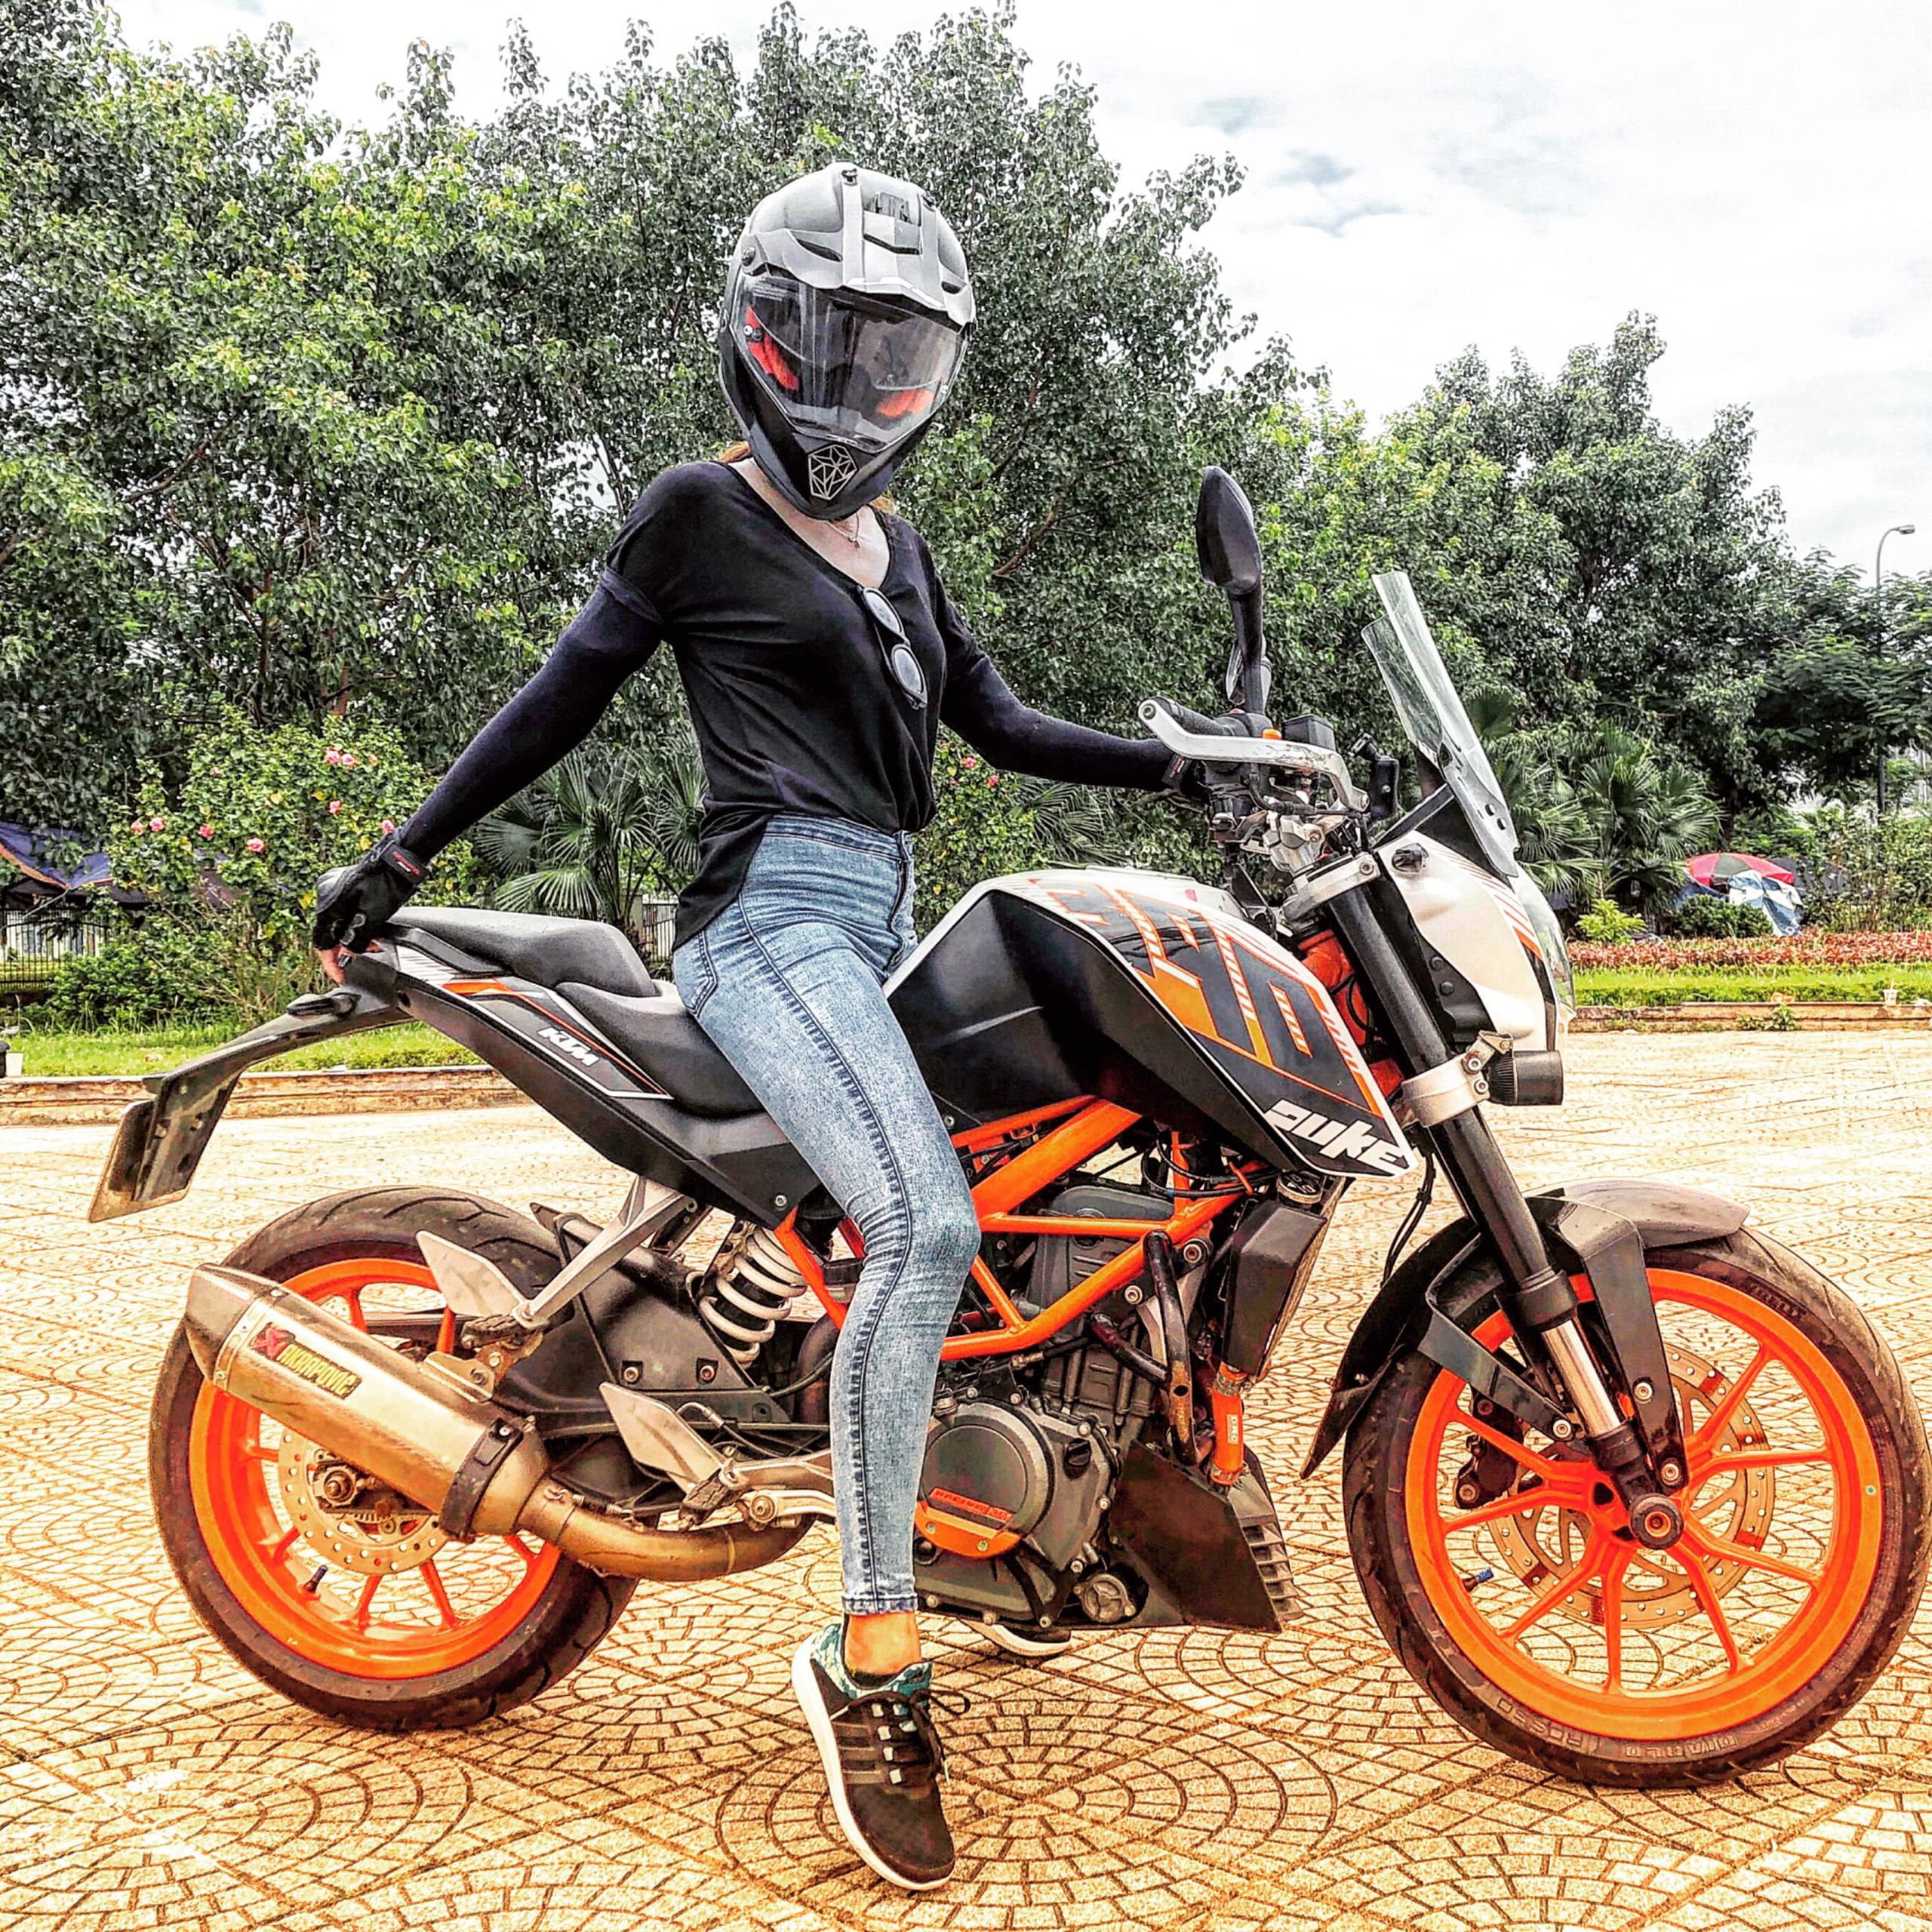 Nữ biker Diễm Trần xinh đẹp hớp hồn cánh mày râu, lại đa tài hiếm có - Ảnh 6.